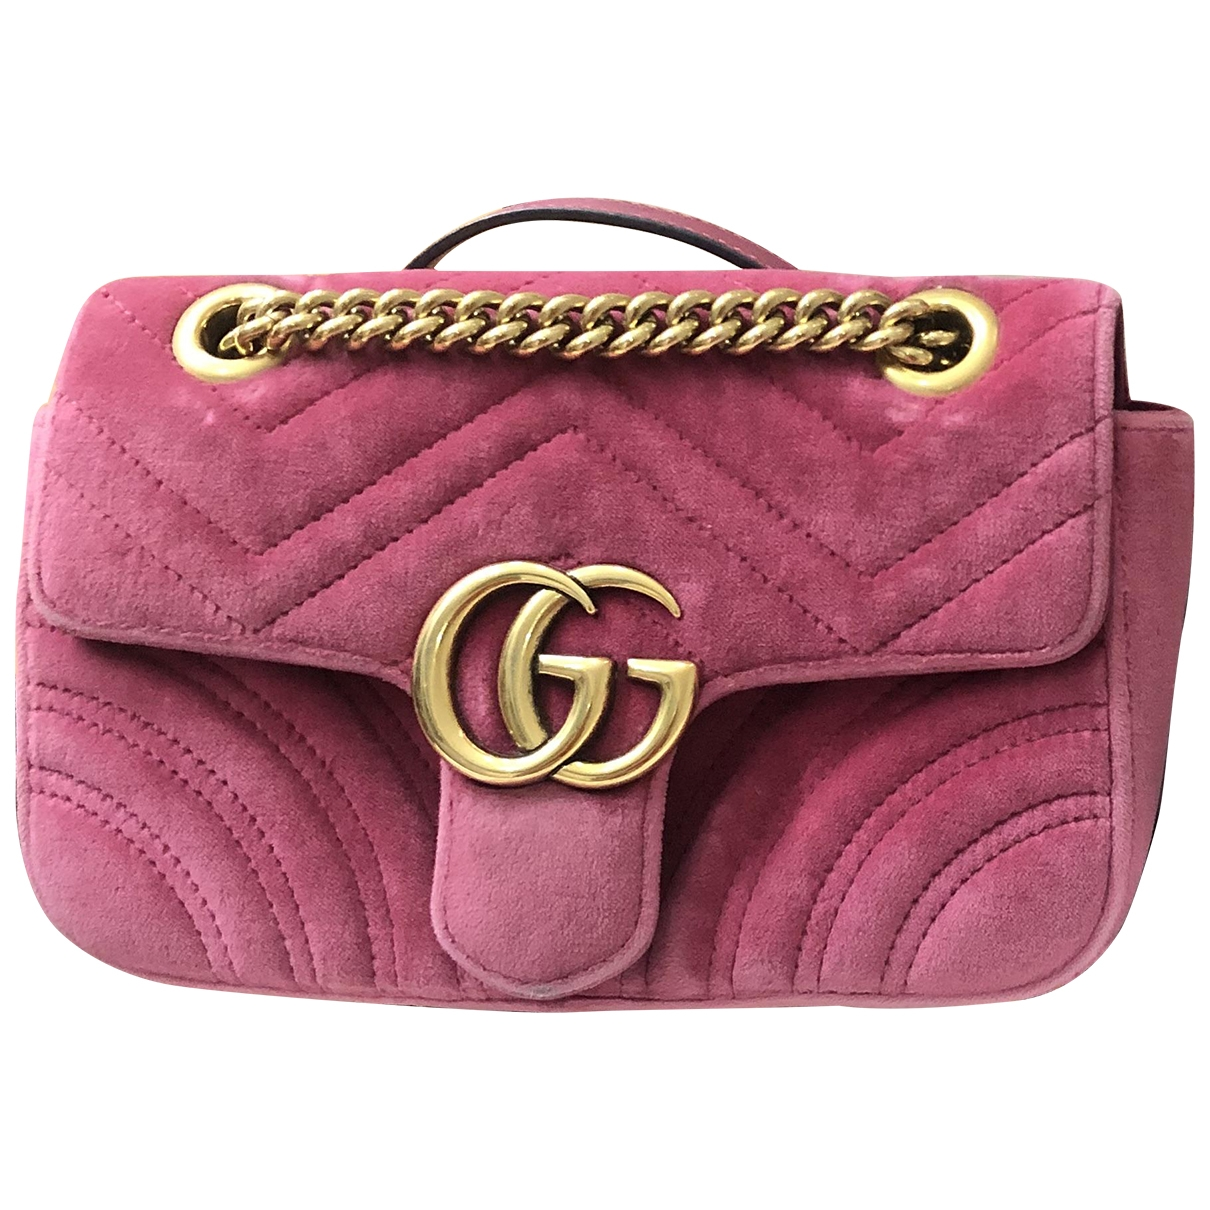 Gucci - Sac a main Marmont pour femme en velours - rose